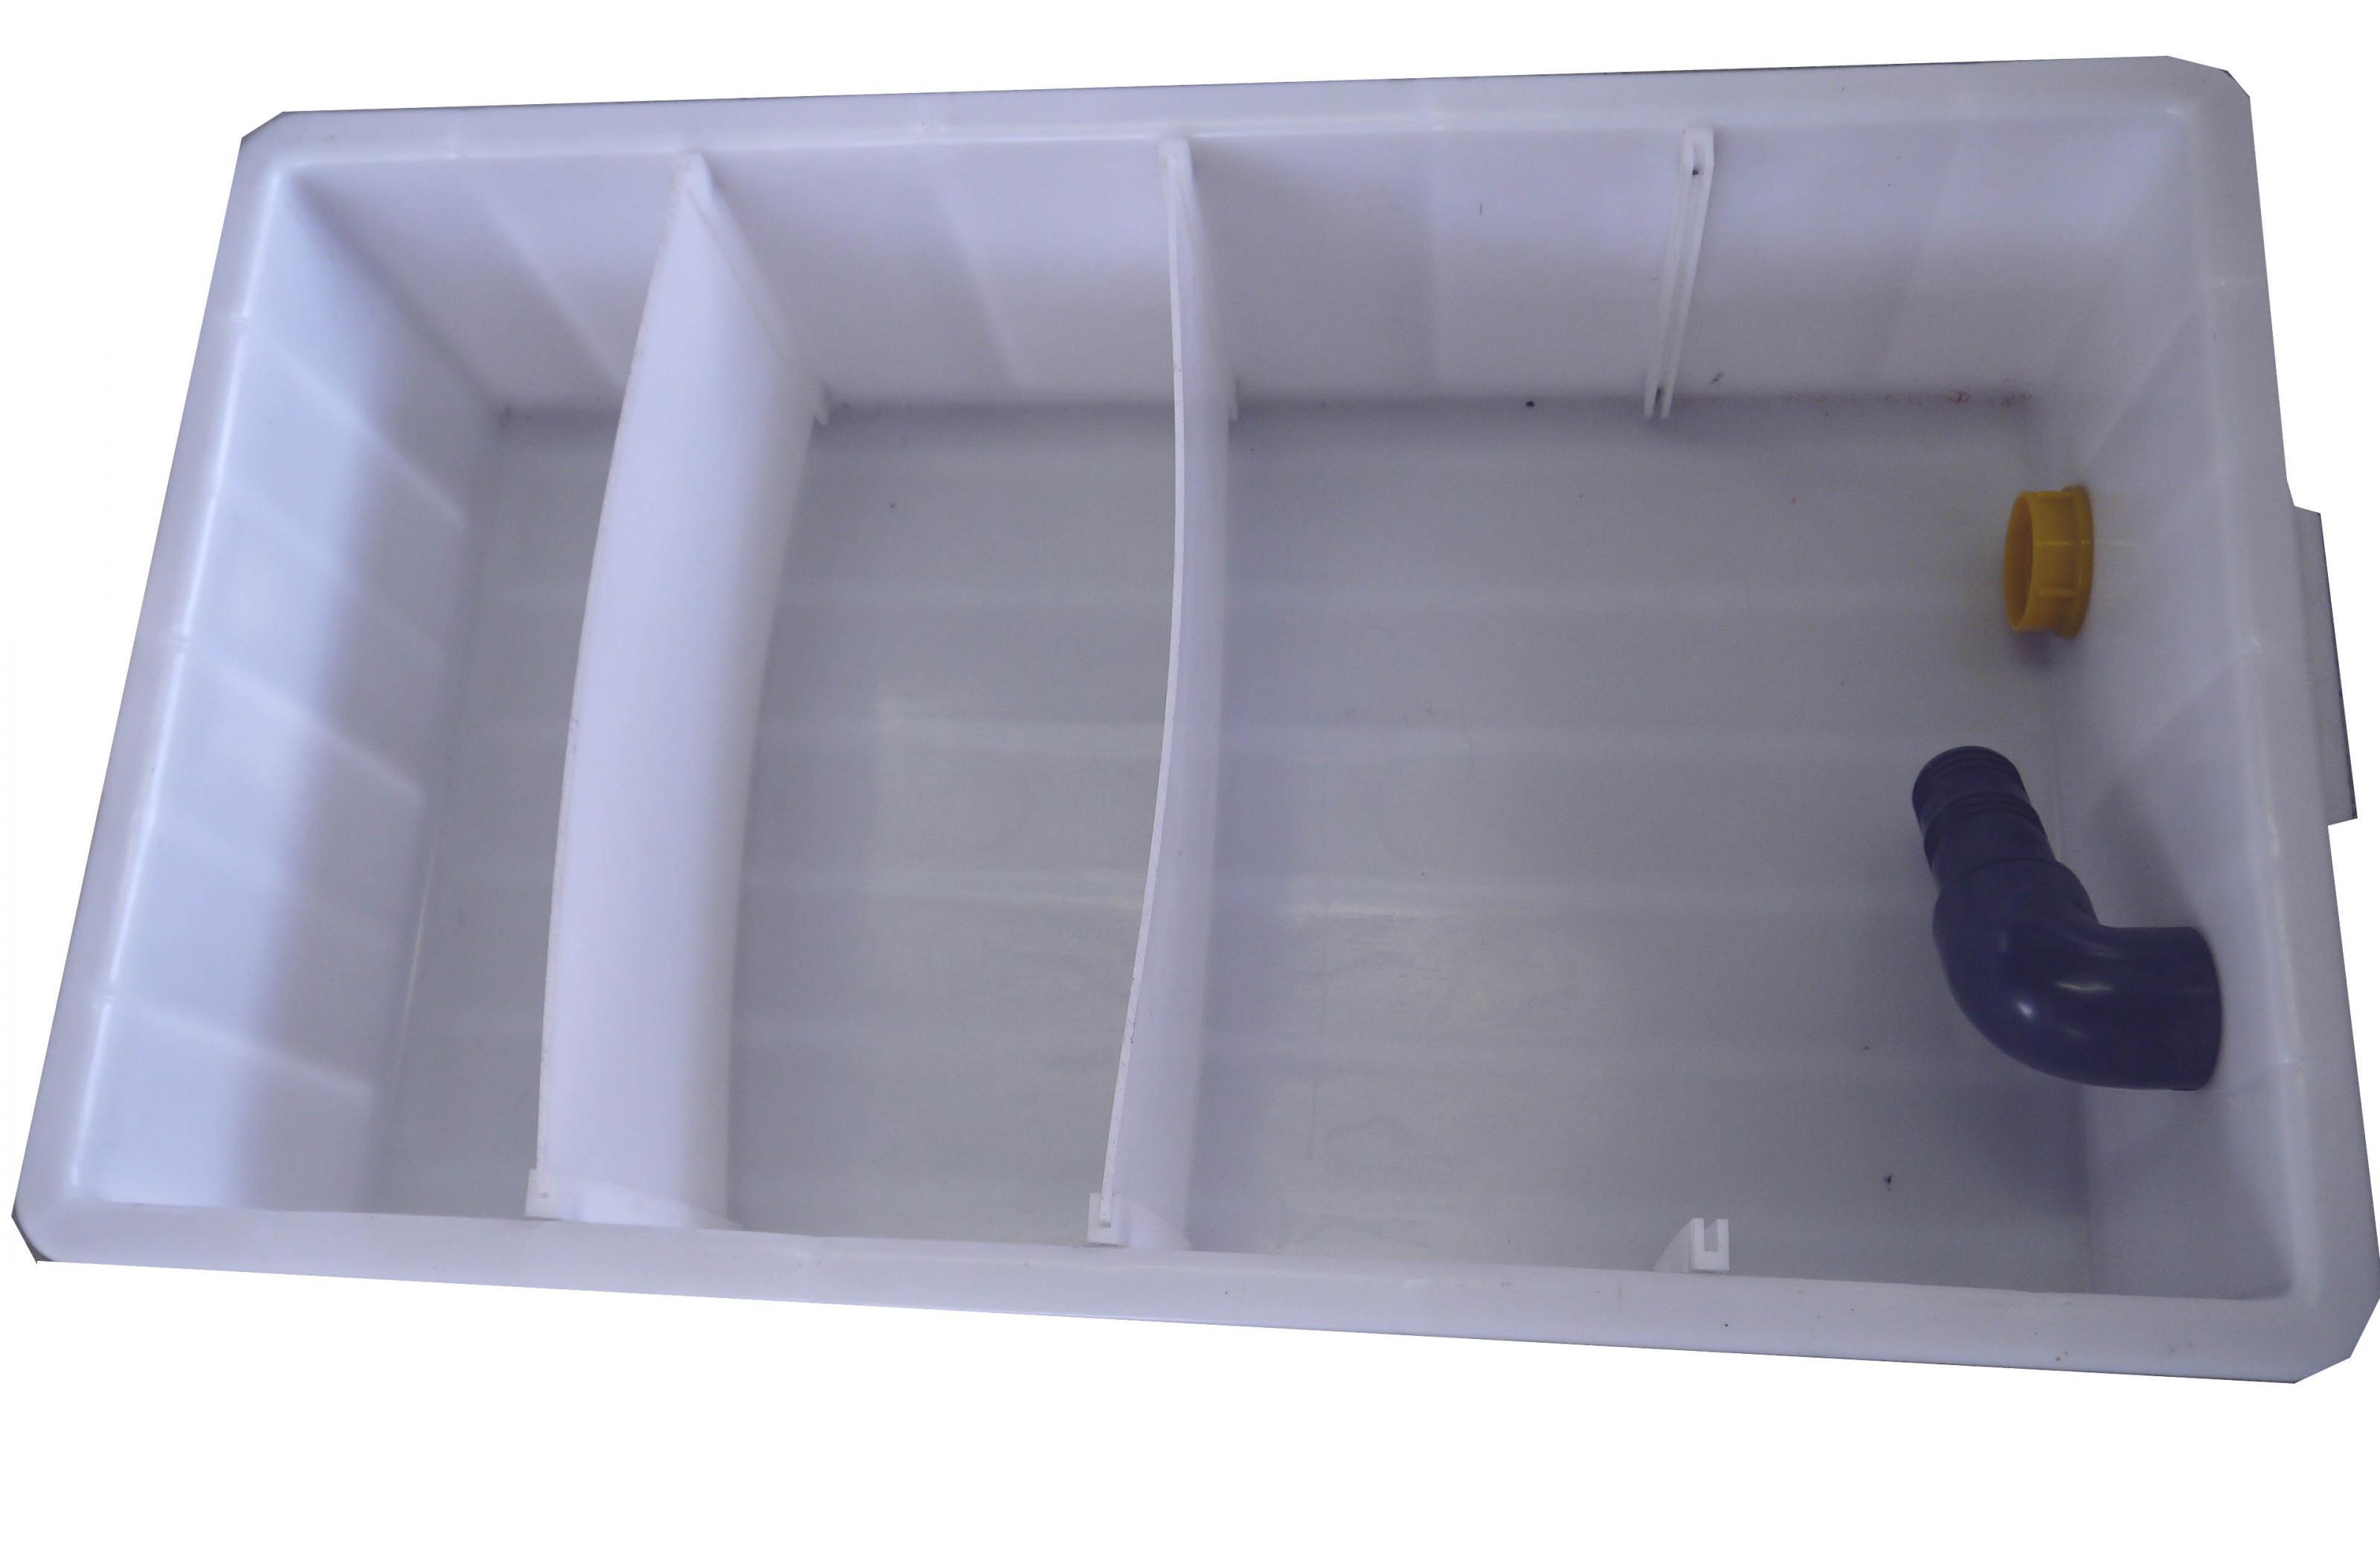 BAC DECANTEUR PLASTIQUE GRAND MODELE